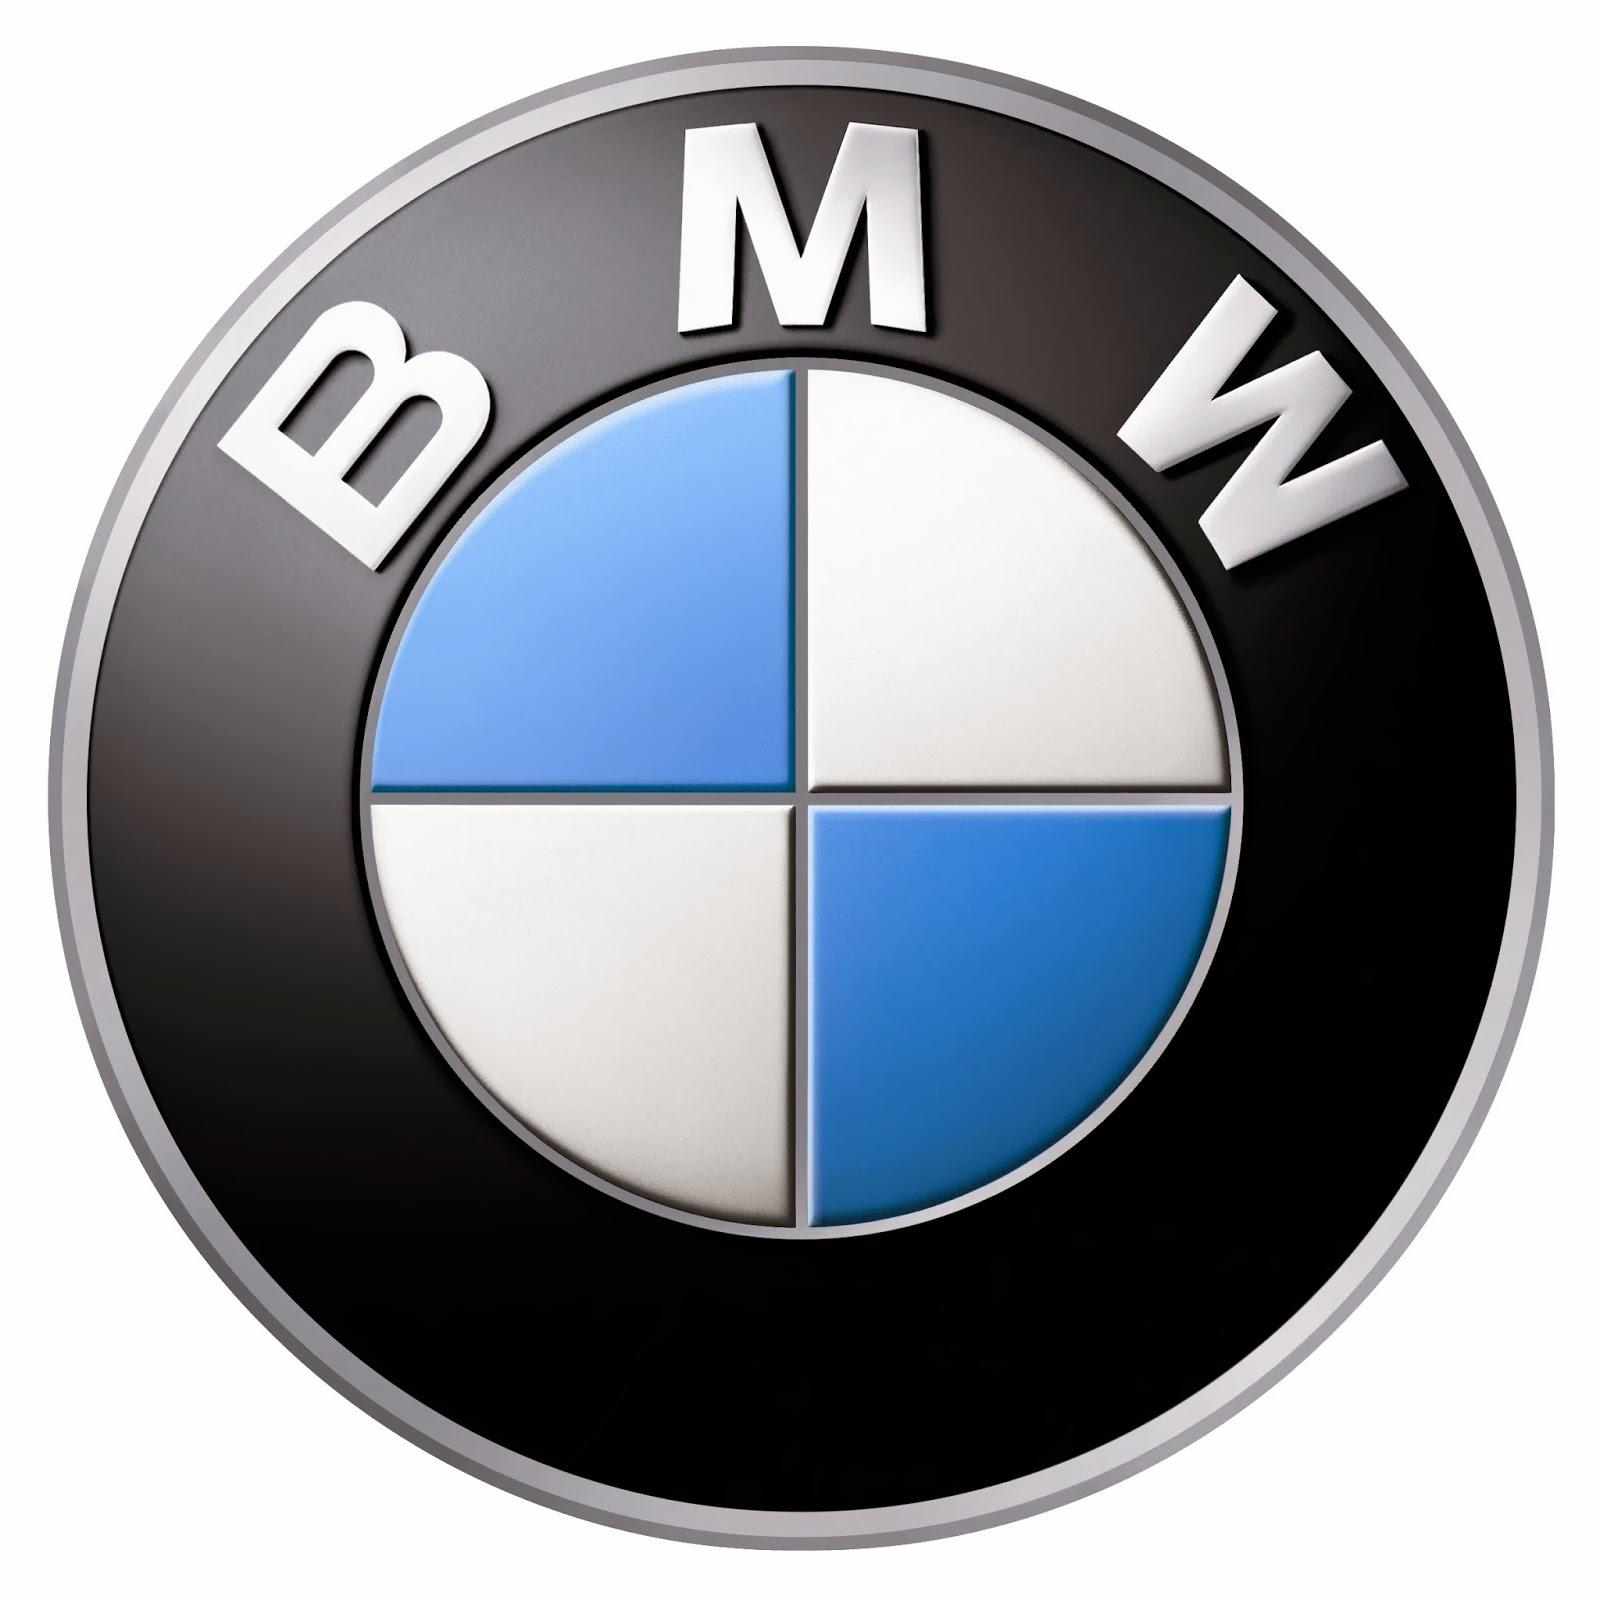 Daftar Harga Mobil Bekas/Second BMW Terbaru